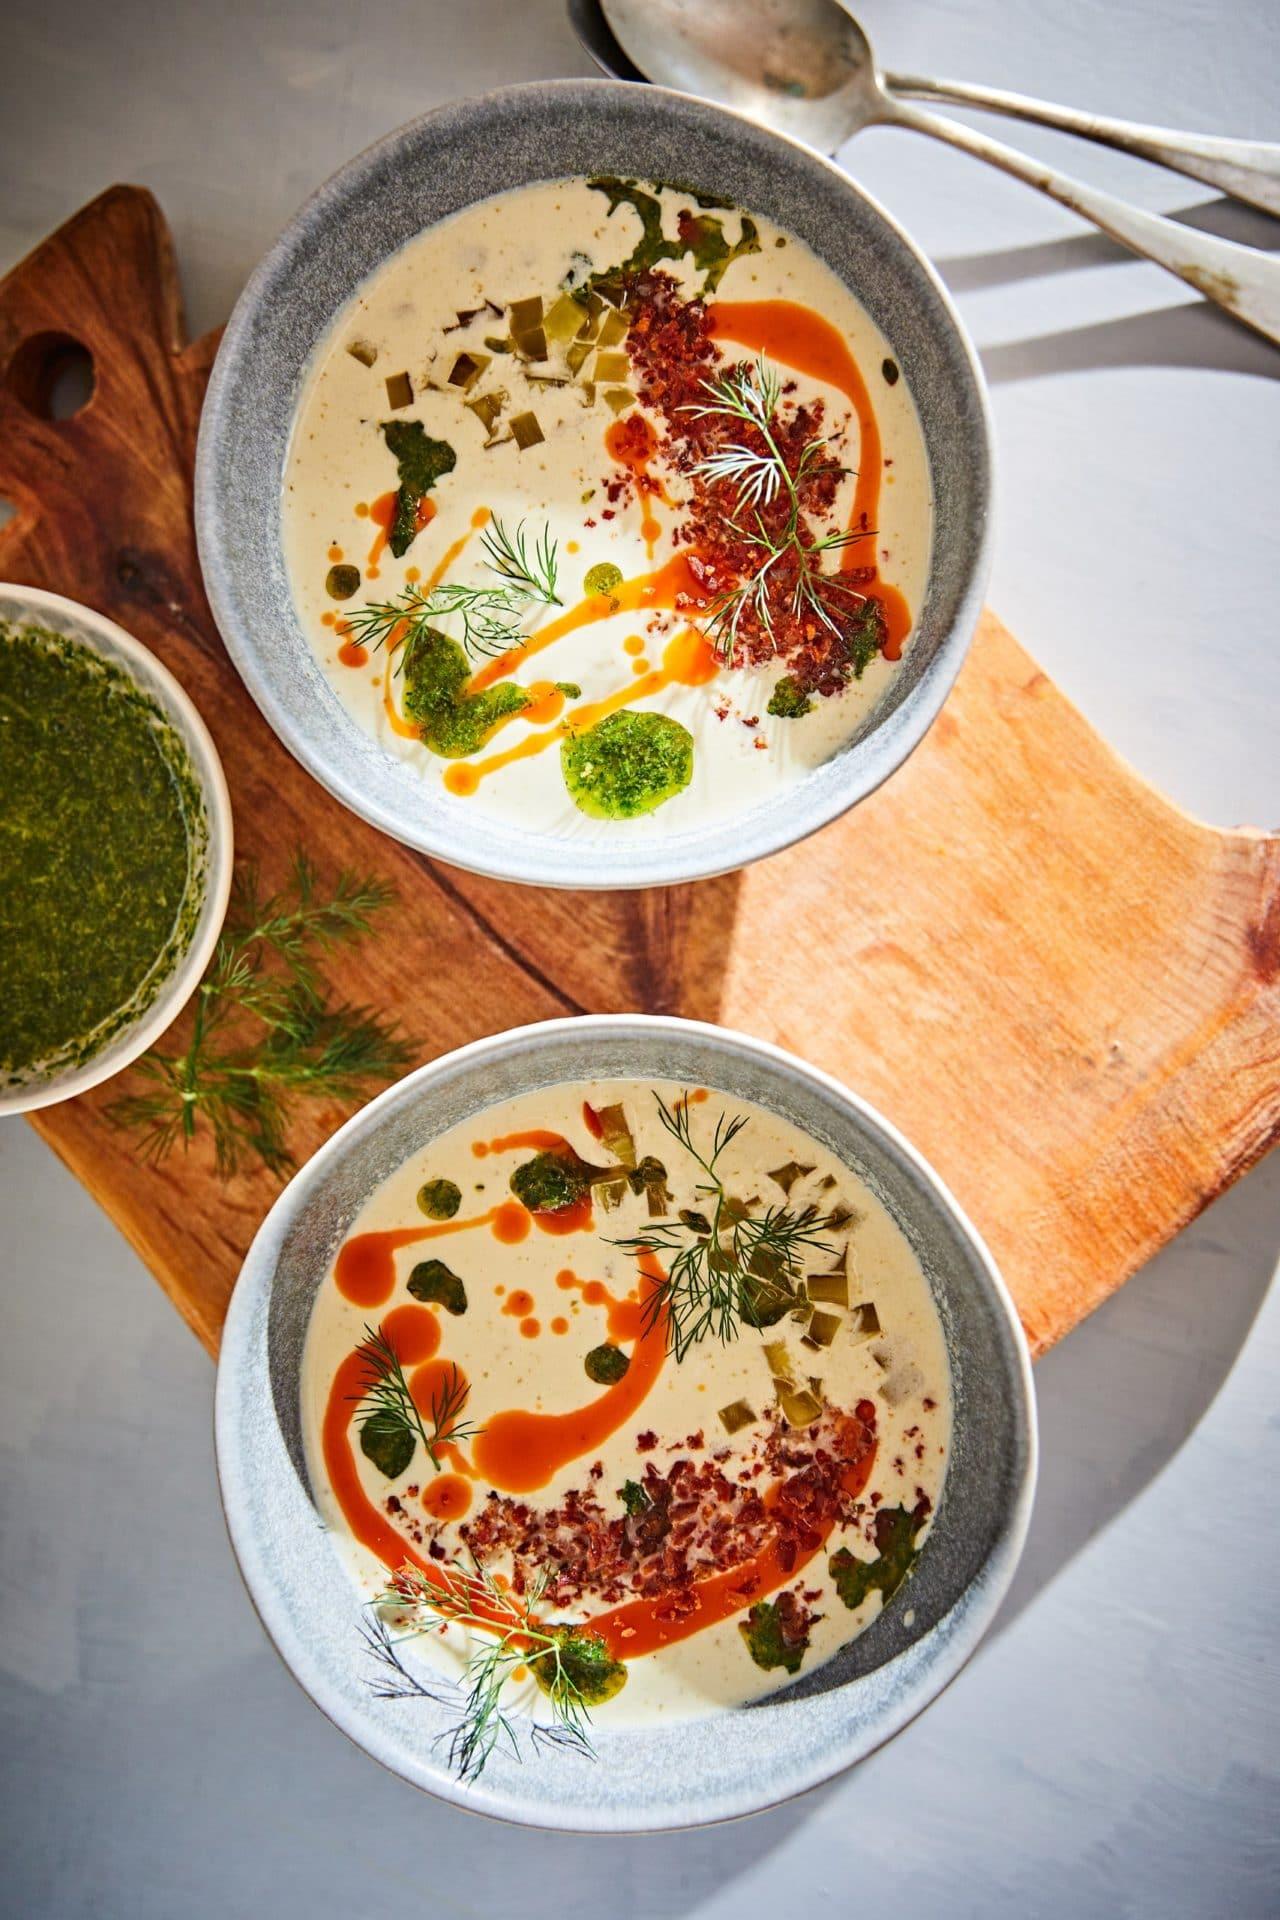 uborkás receptek - kovászosuborka-krémleves